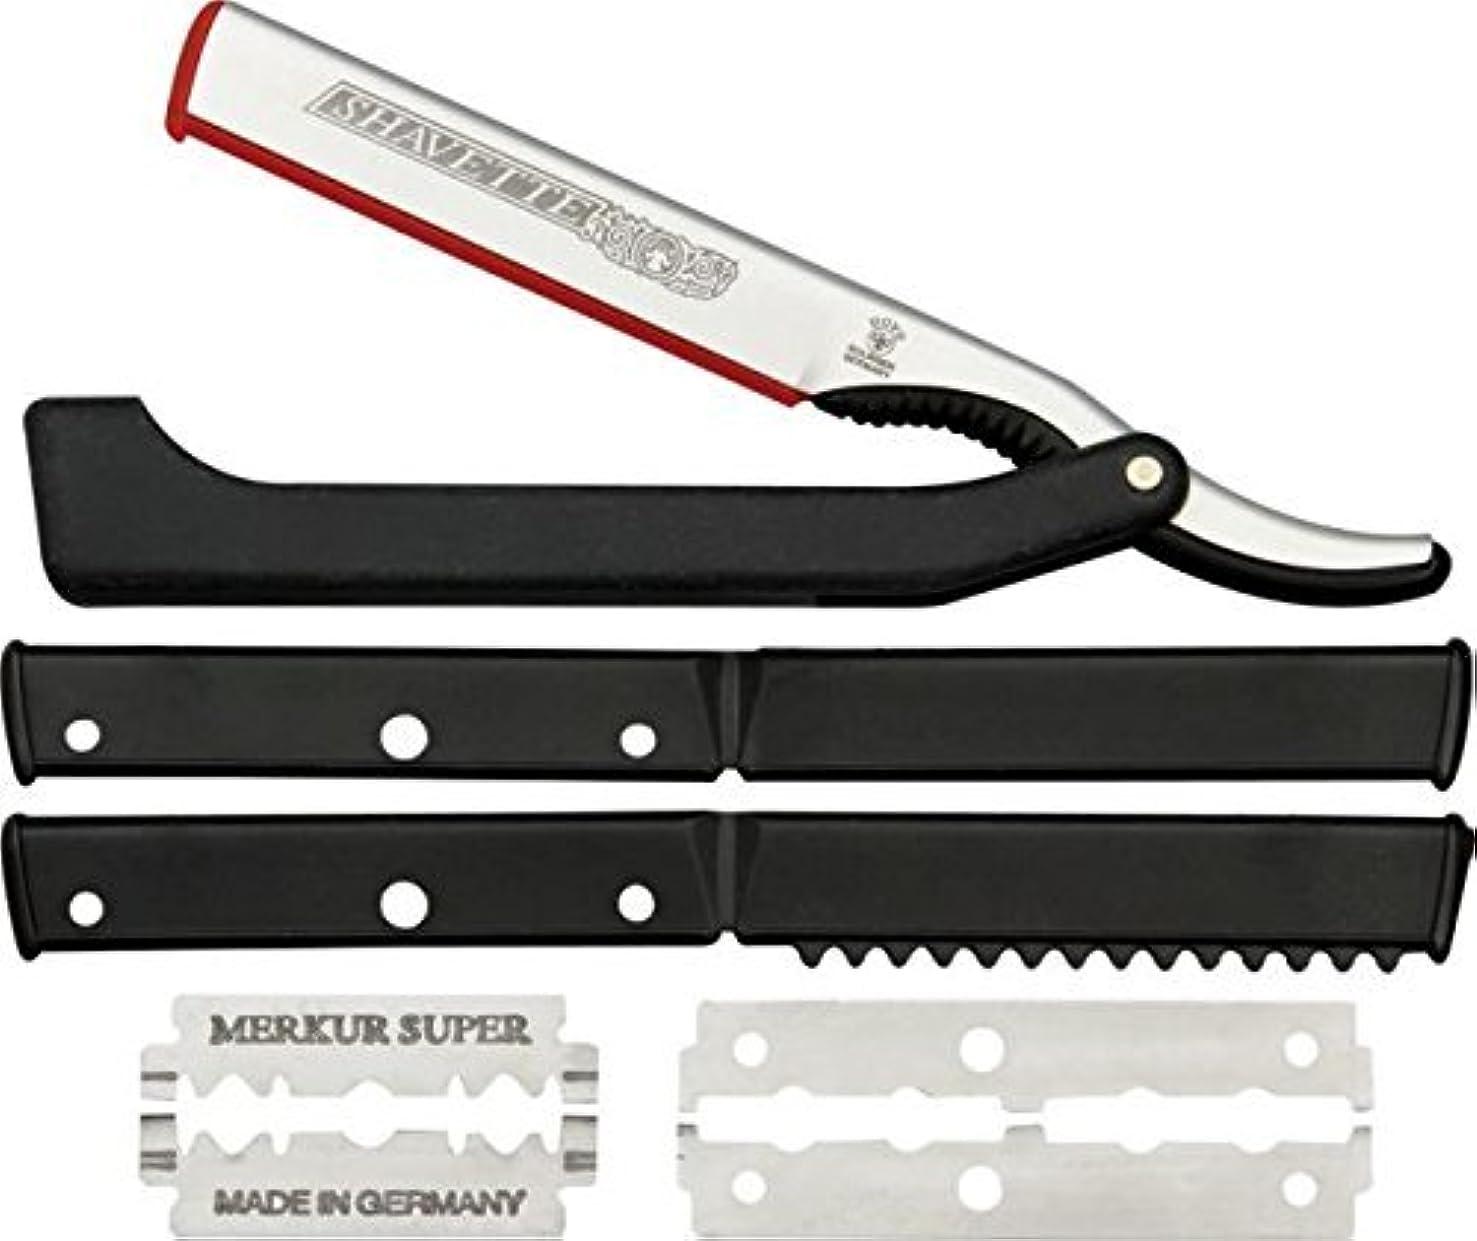 シャトルハンディキャップ壊滅的なDOVO Solingen - Shavette, straight edge razor, changeable blade, 201081